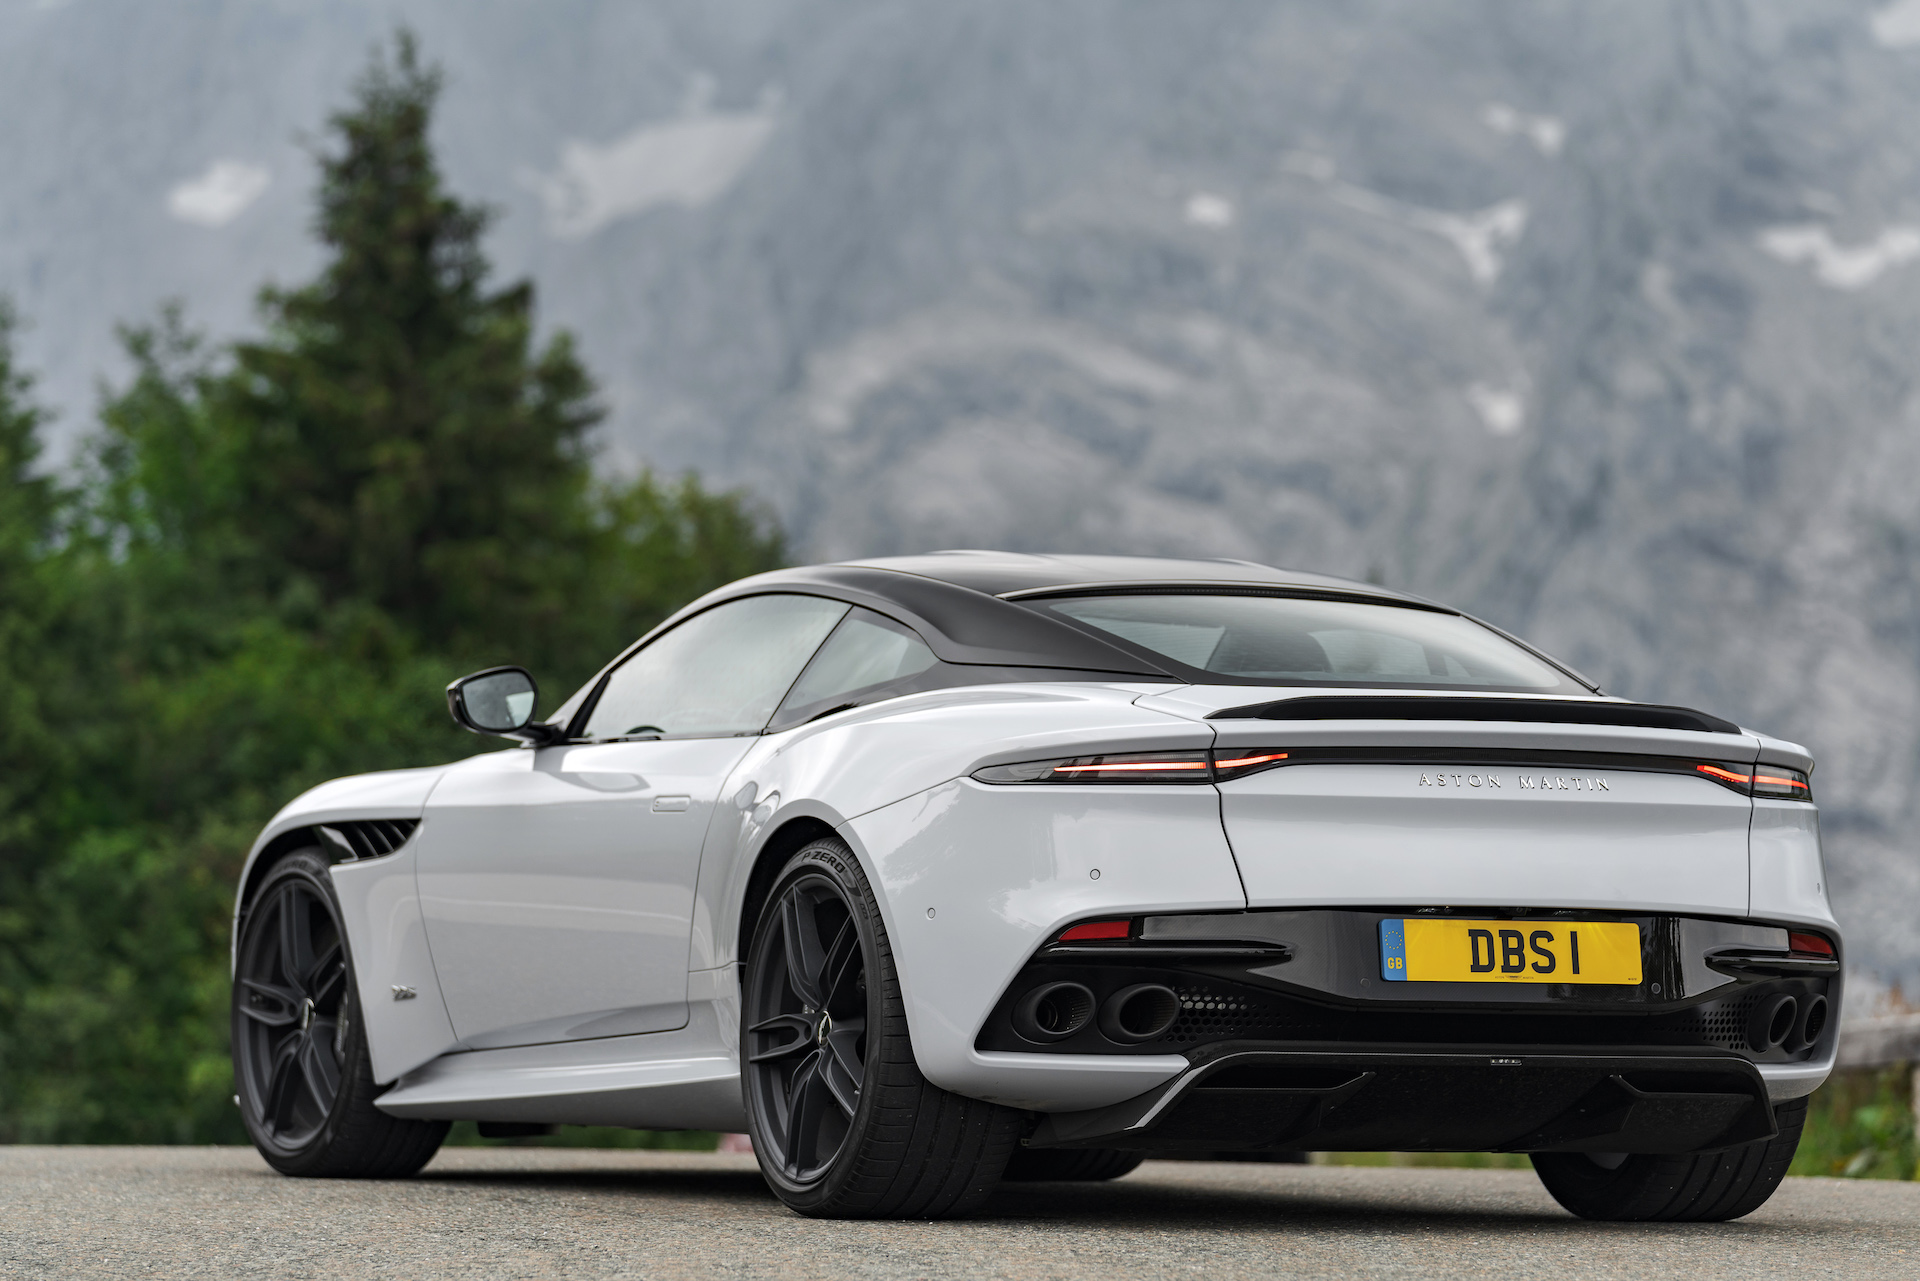 Mercedes Eqs Spy Shots Aston Martin Dbs Review Opel Gt X Teaser Today S Car News